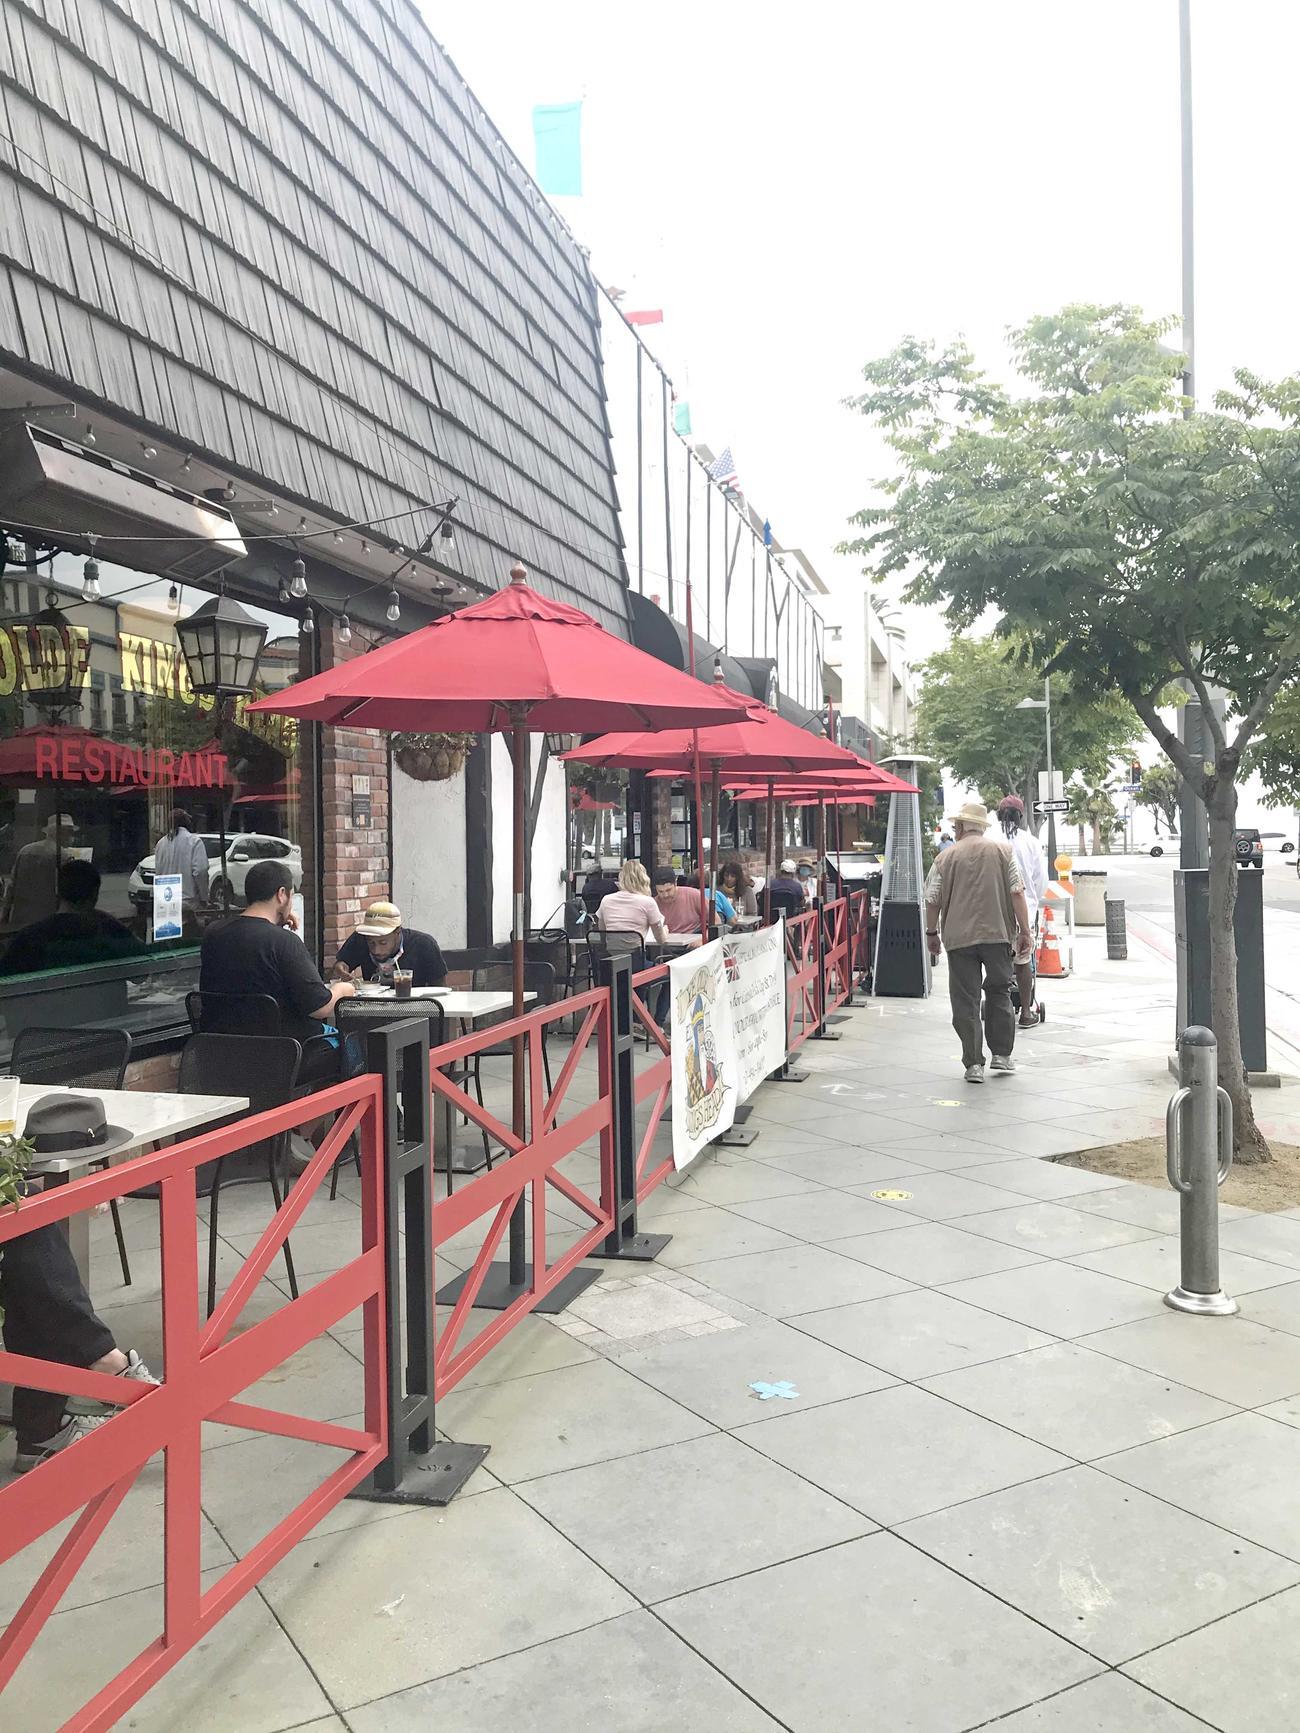 アウトドア席での飲食は許可されているため、多くのレストランが店舗前にテーブルとイスを並べて営業を続けています